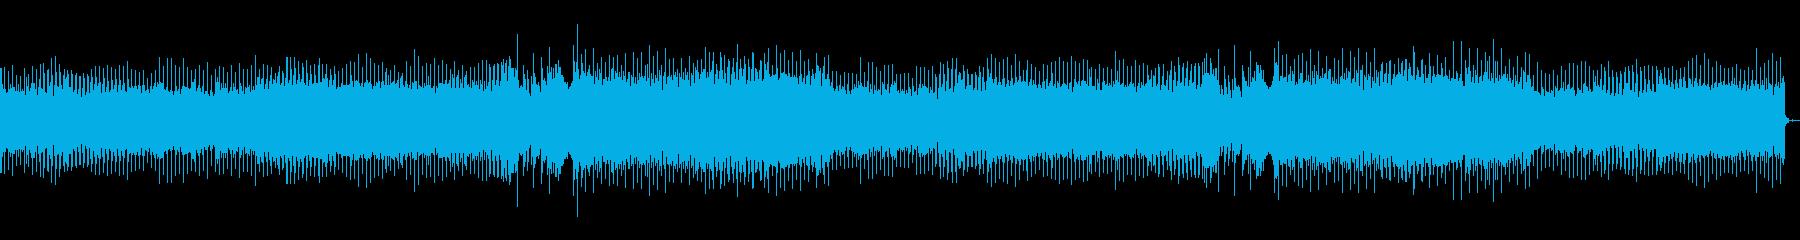 早朝をイメージした曲の再生済みの波形